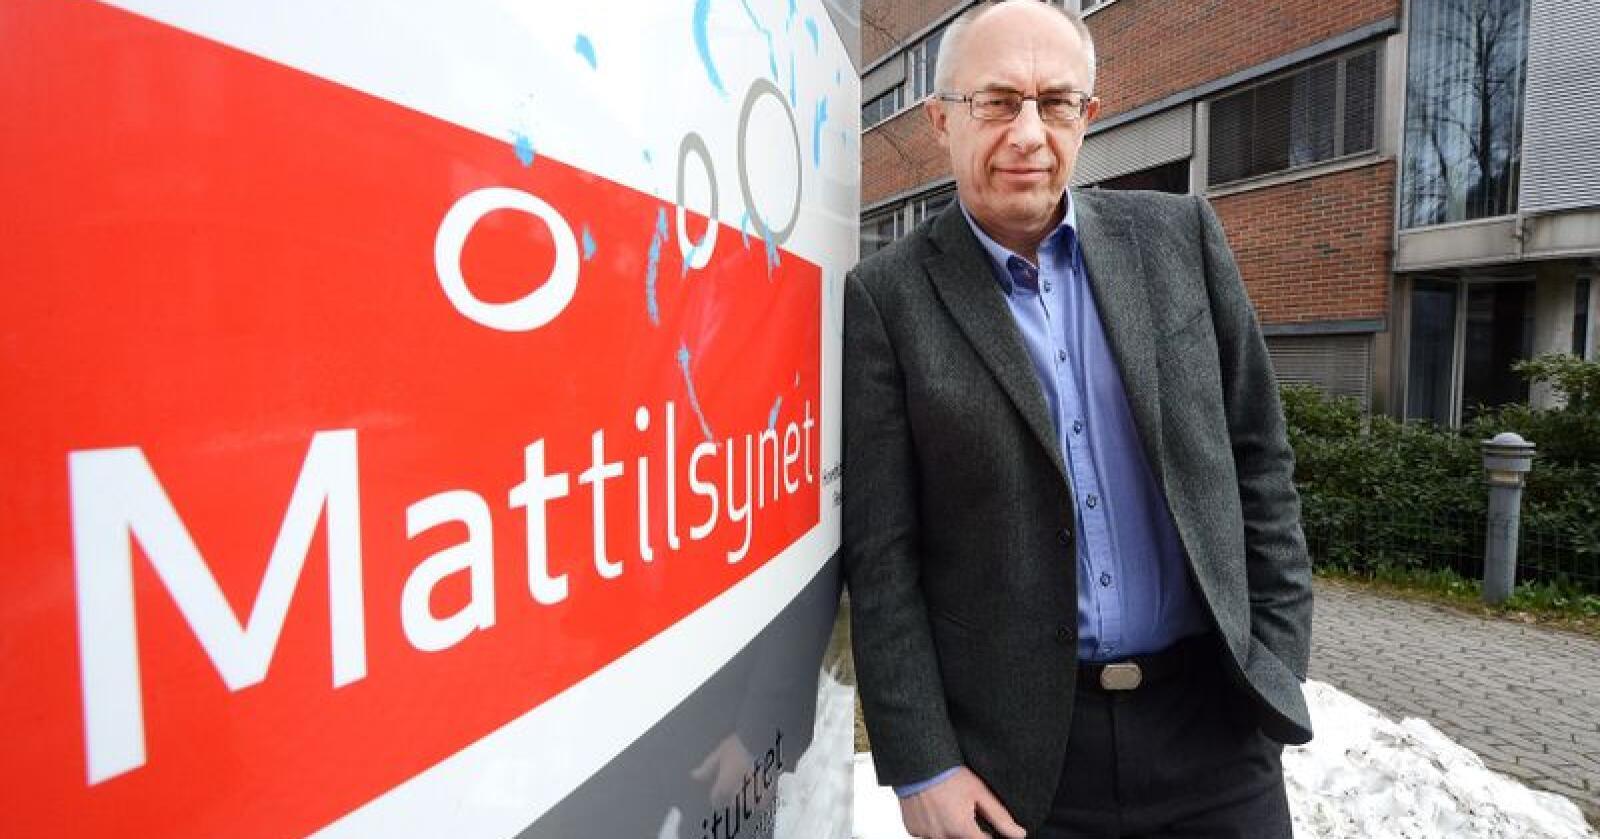 Fratrer: Administrerende direktør Harald Gjein i Mattilsynet. Foto: Siri Juell Rasmussen